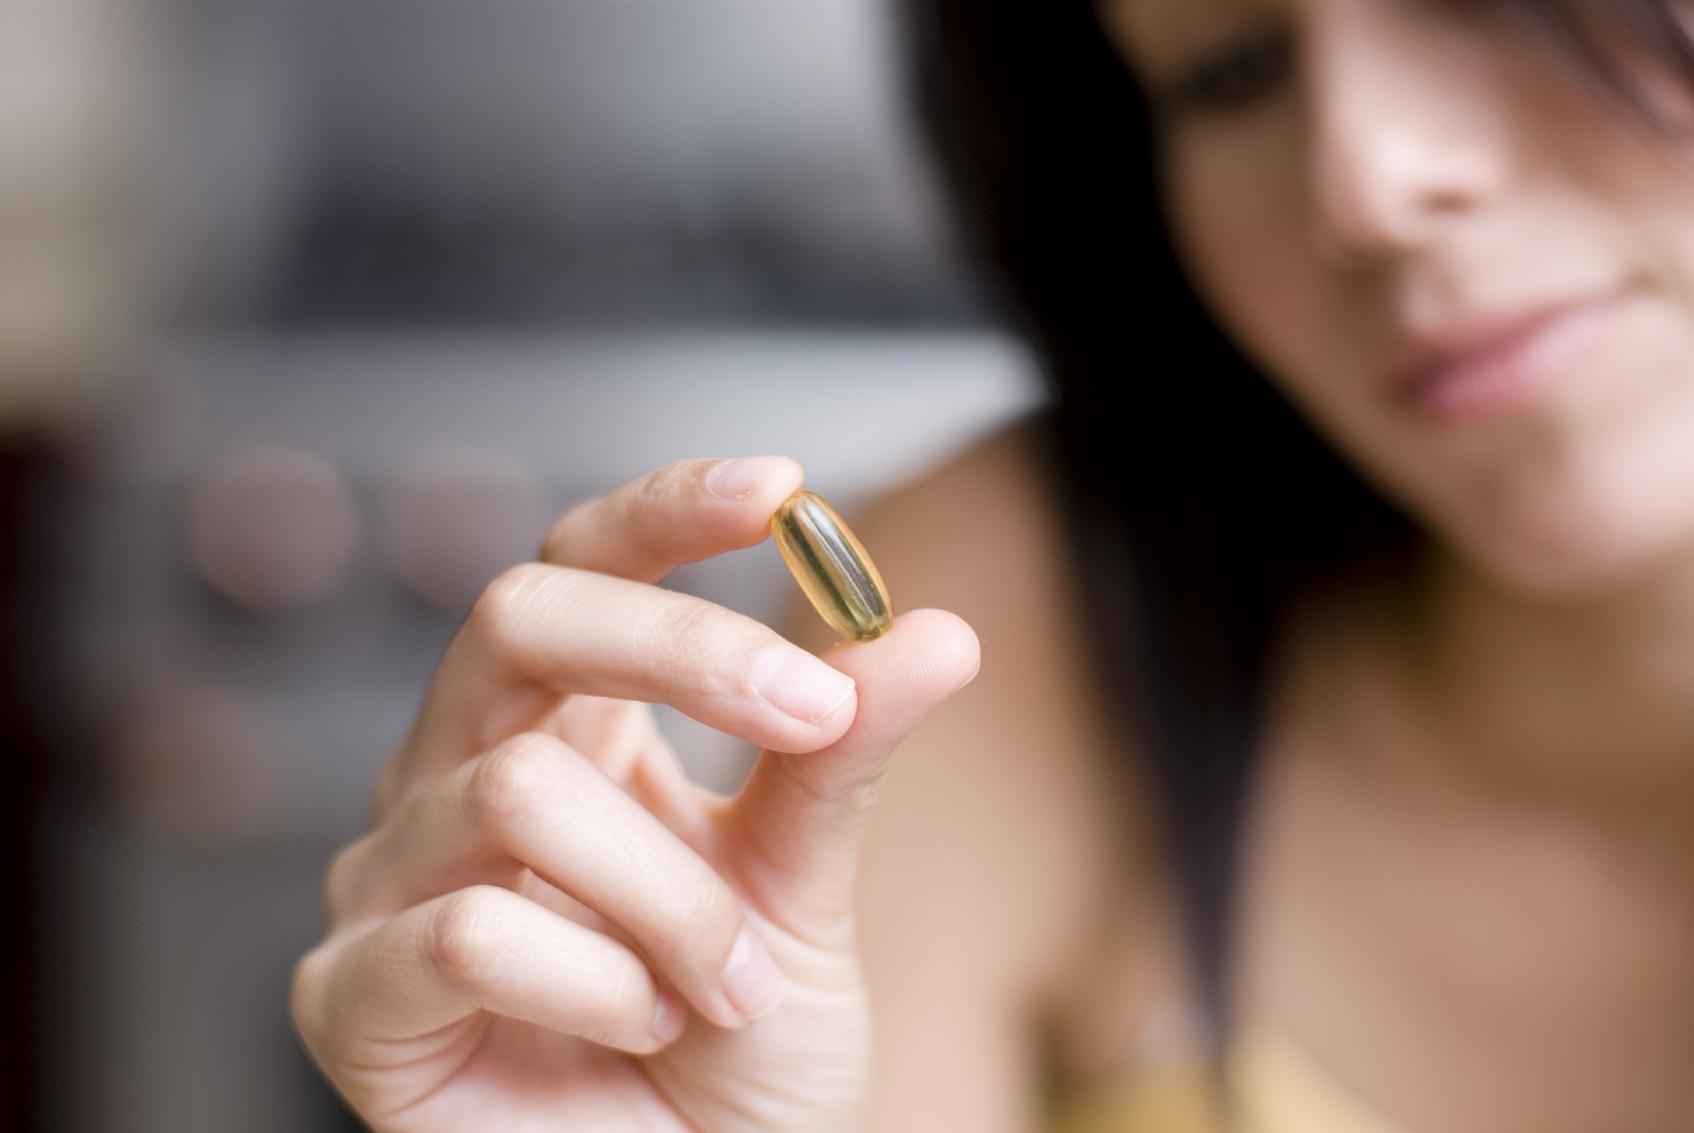 Средства экстренной контрацепции не снижают шансы на беременность в будущем